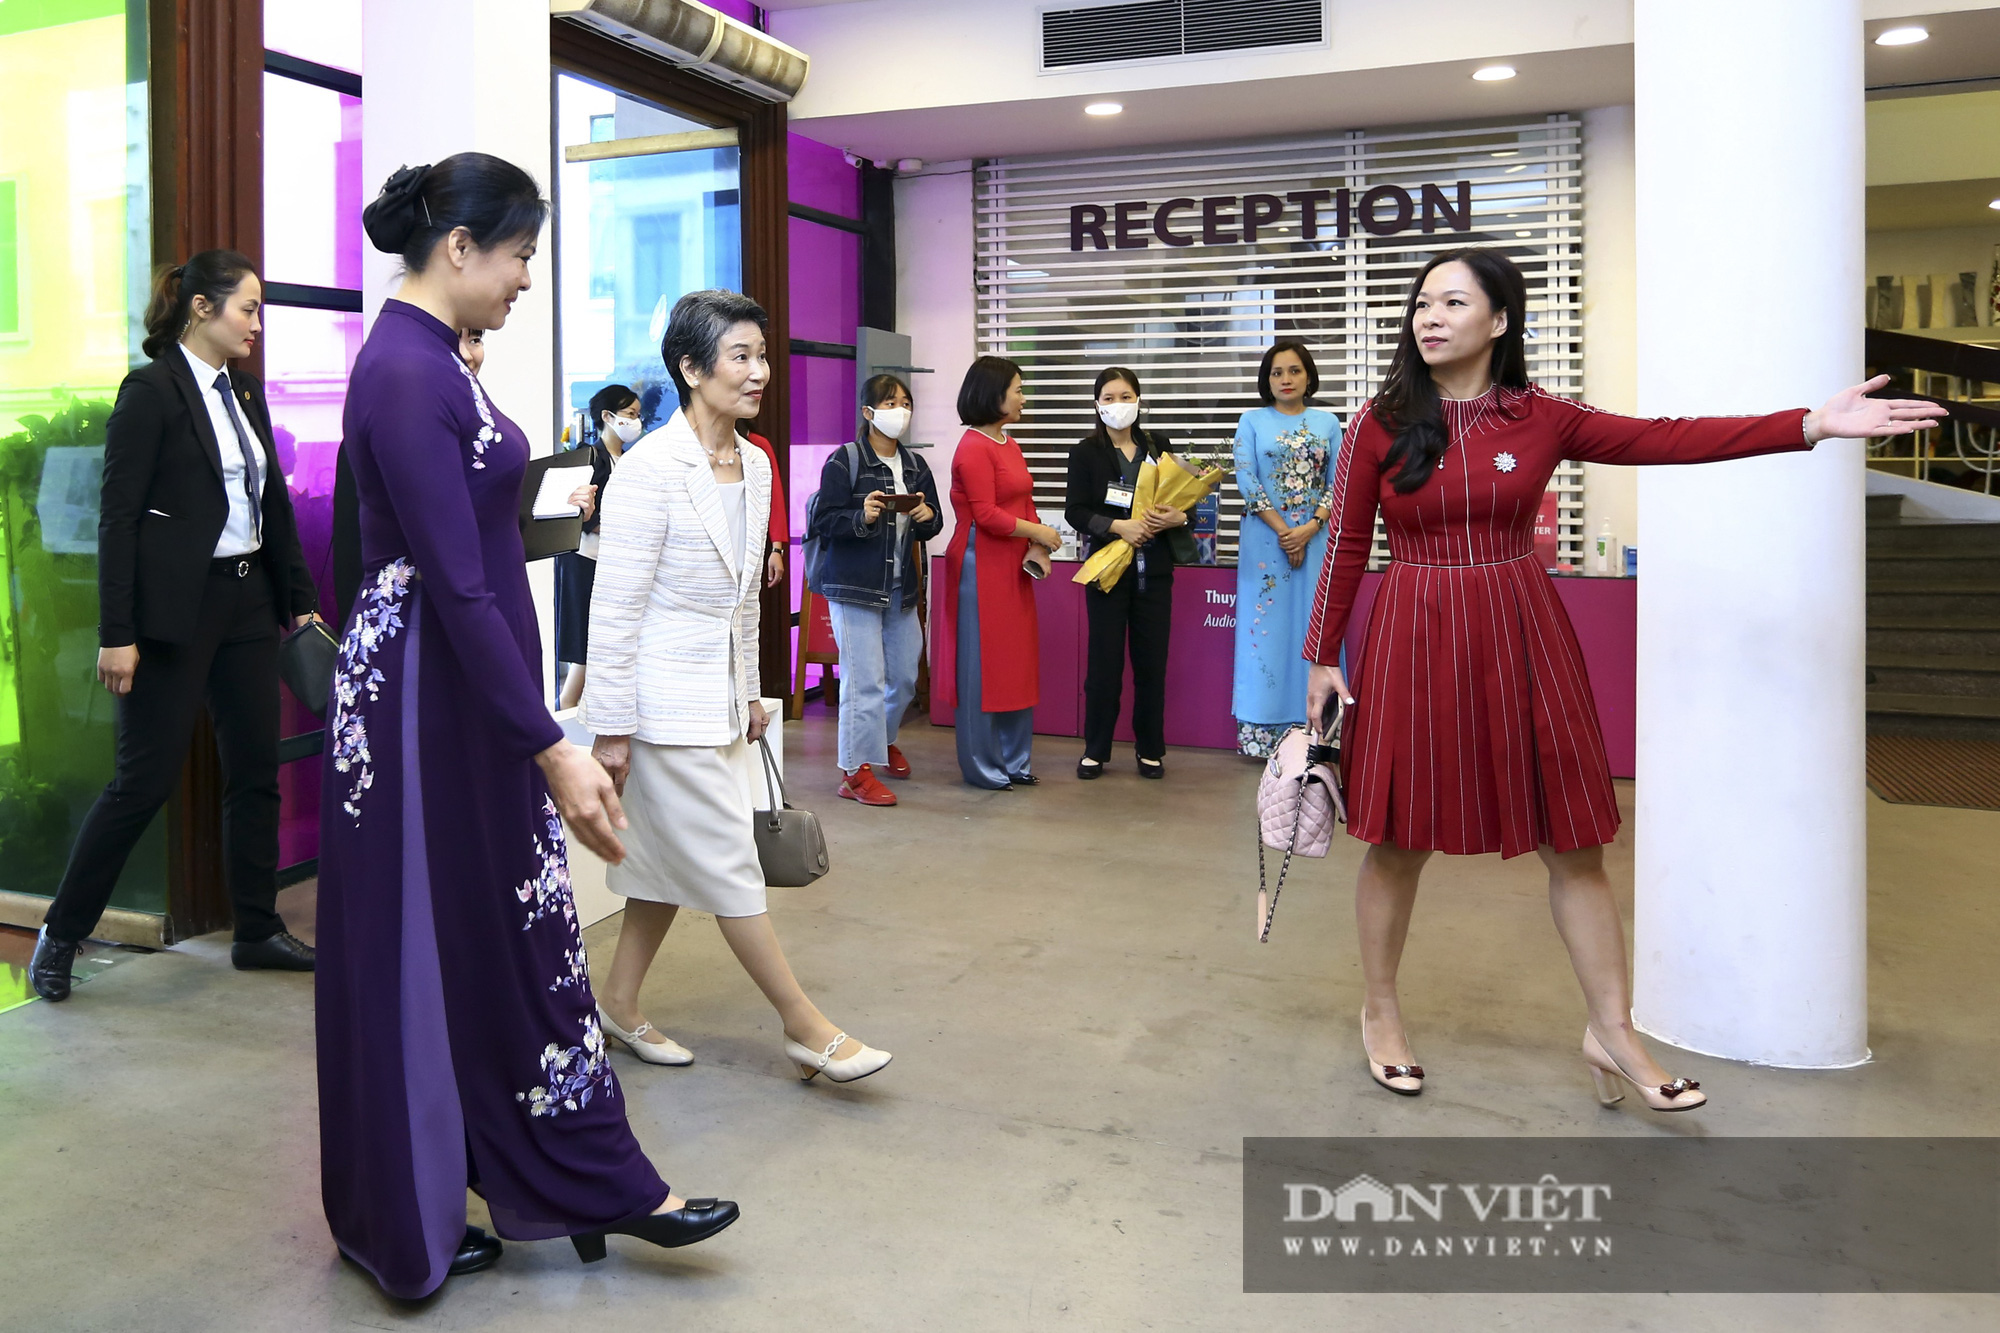 Phu nhân Thủ tướng Nhật Bản tham quan bảo tàng Phụ nữ Việt Nam - Ảnh 2.